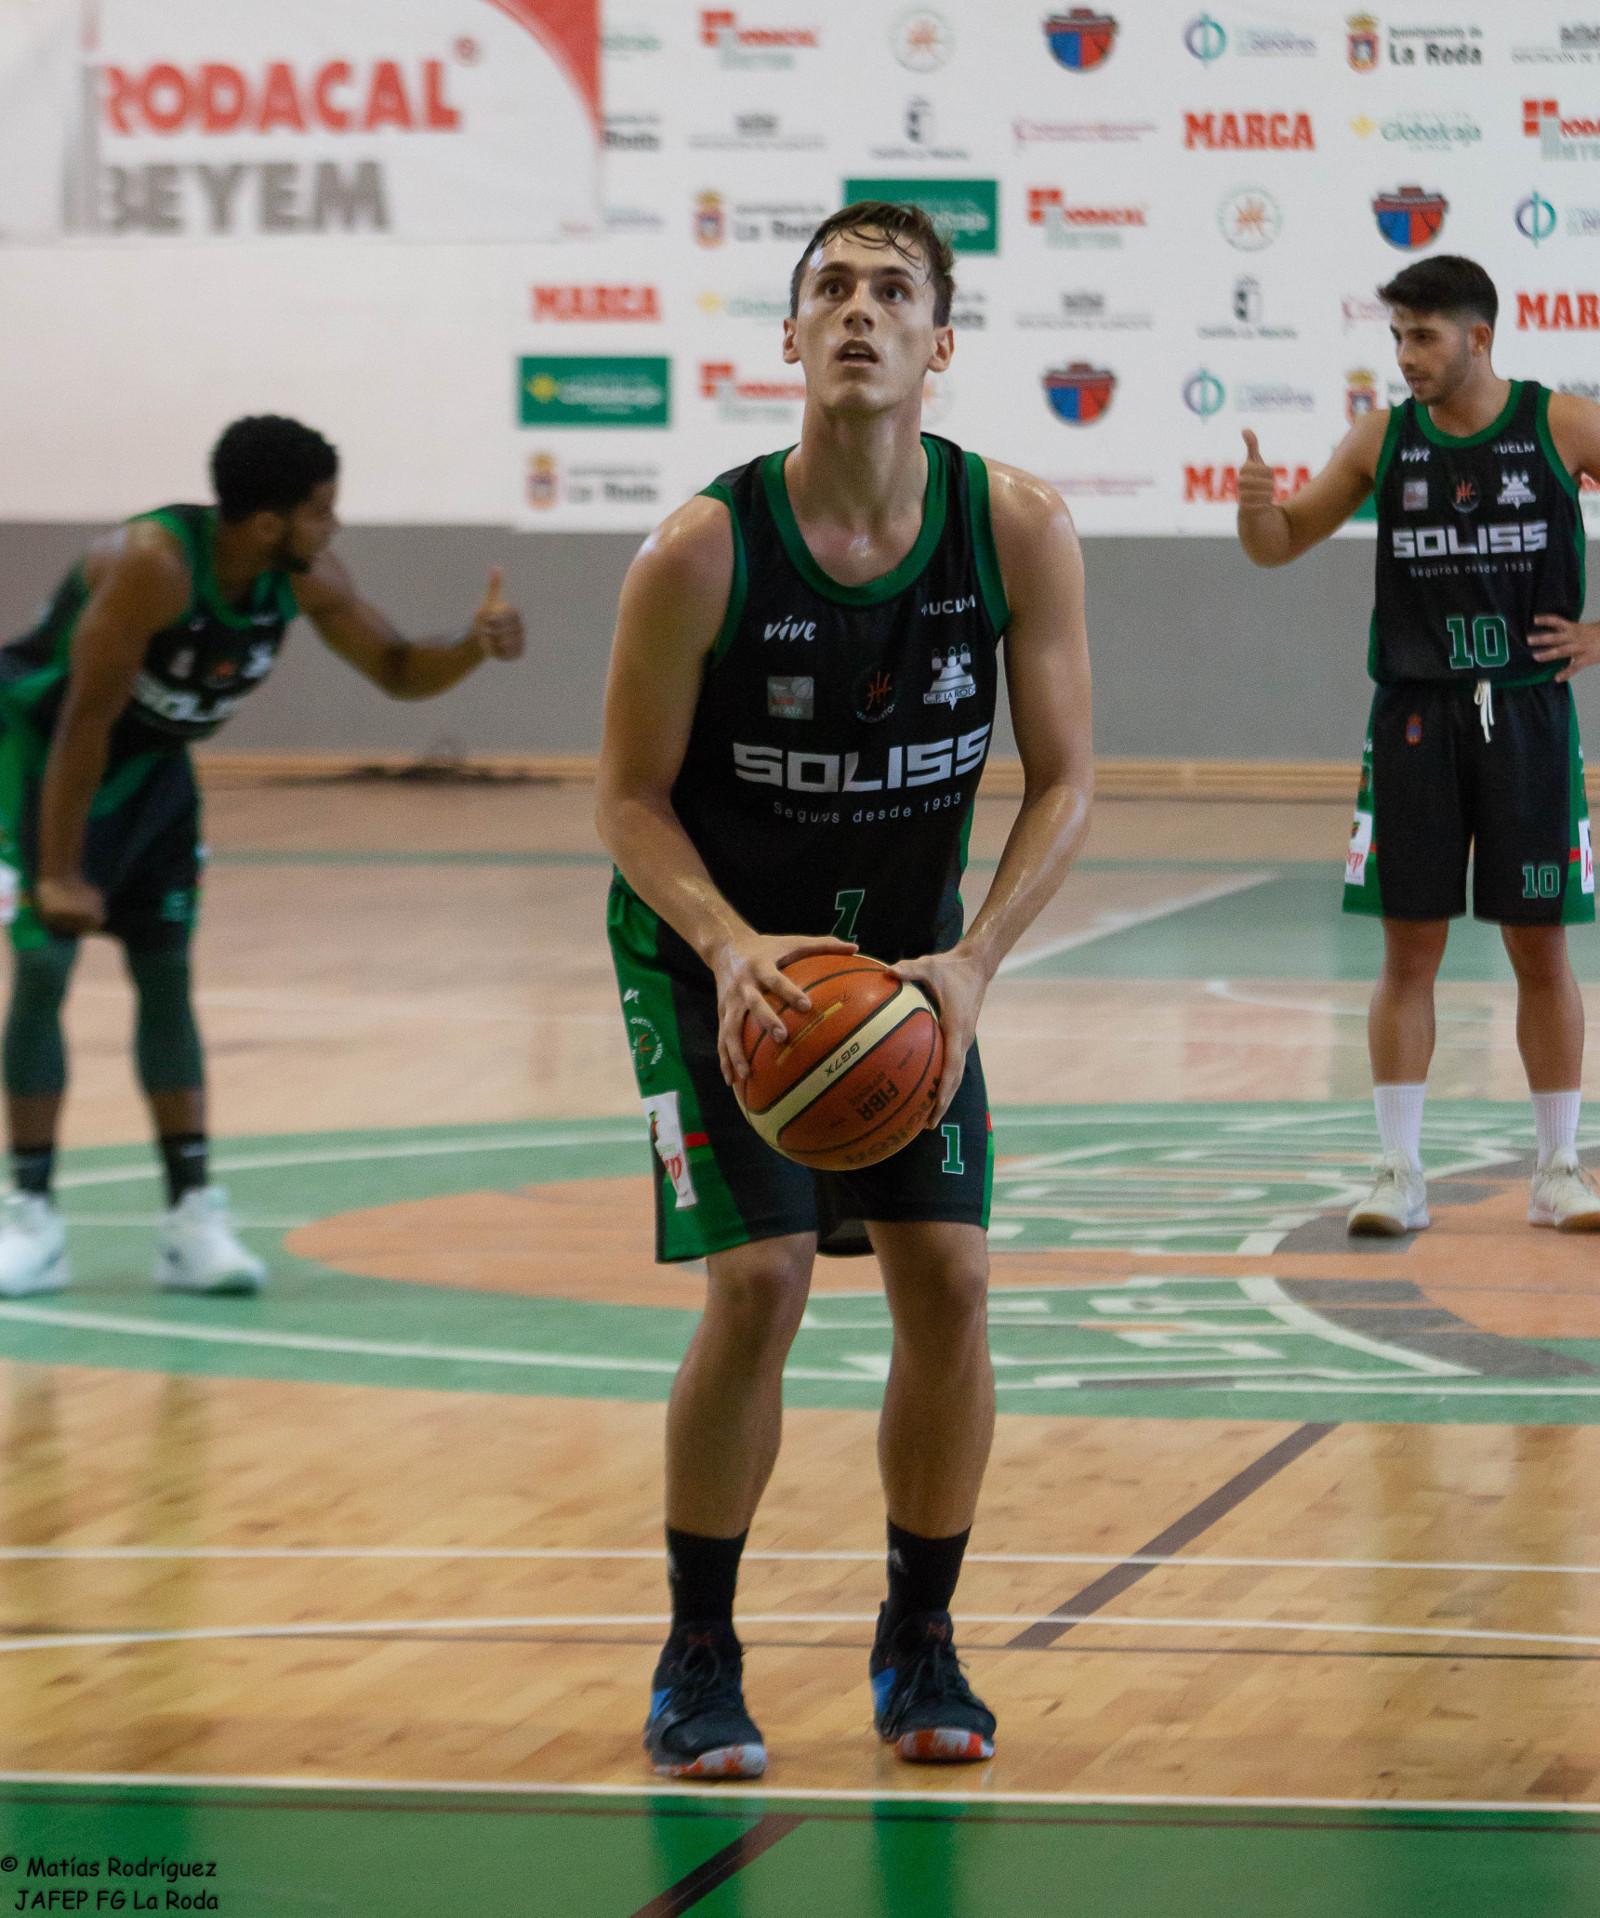 José Luis Ibáñez, jugador del Jafep Fundación Globalcaja La Roda